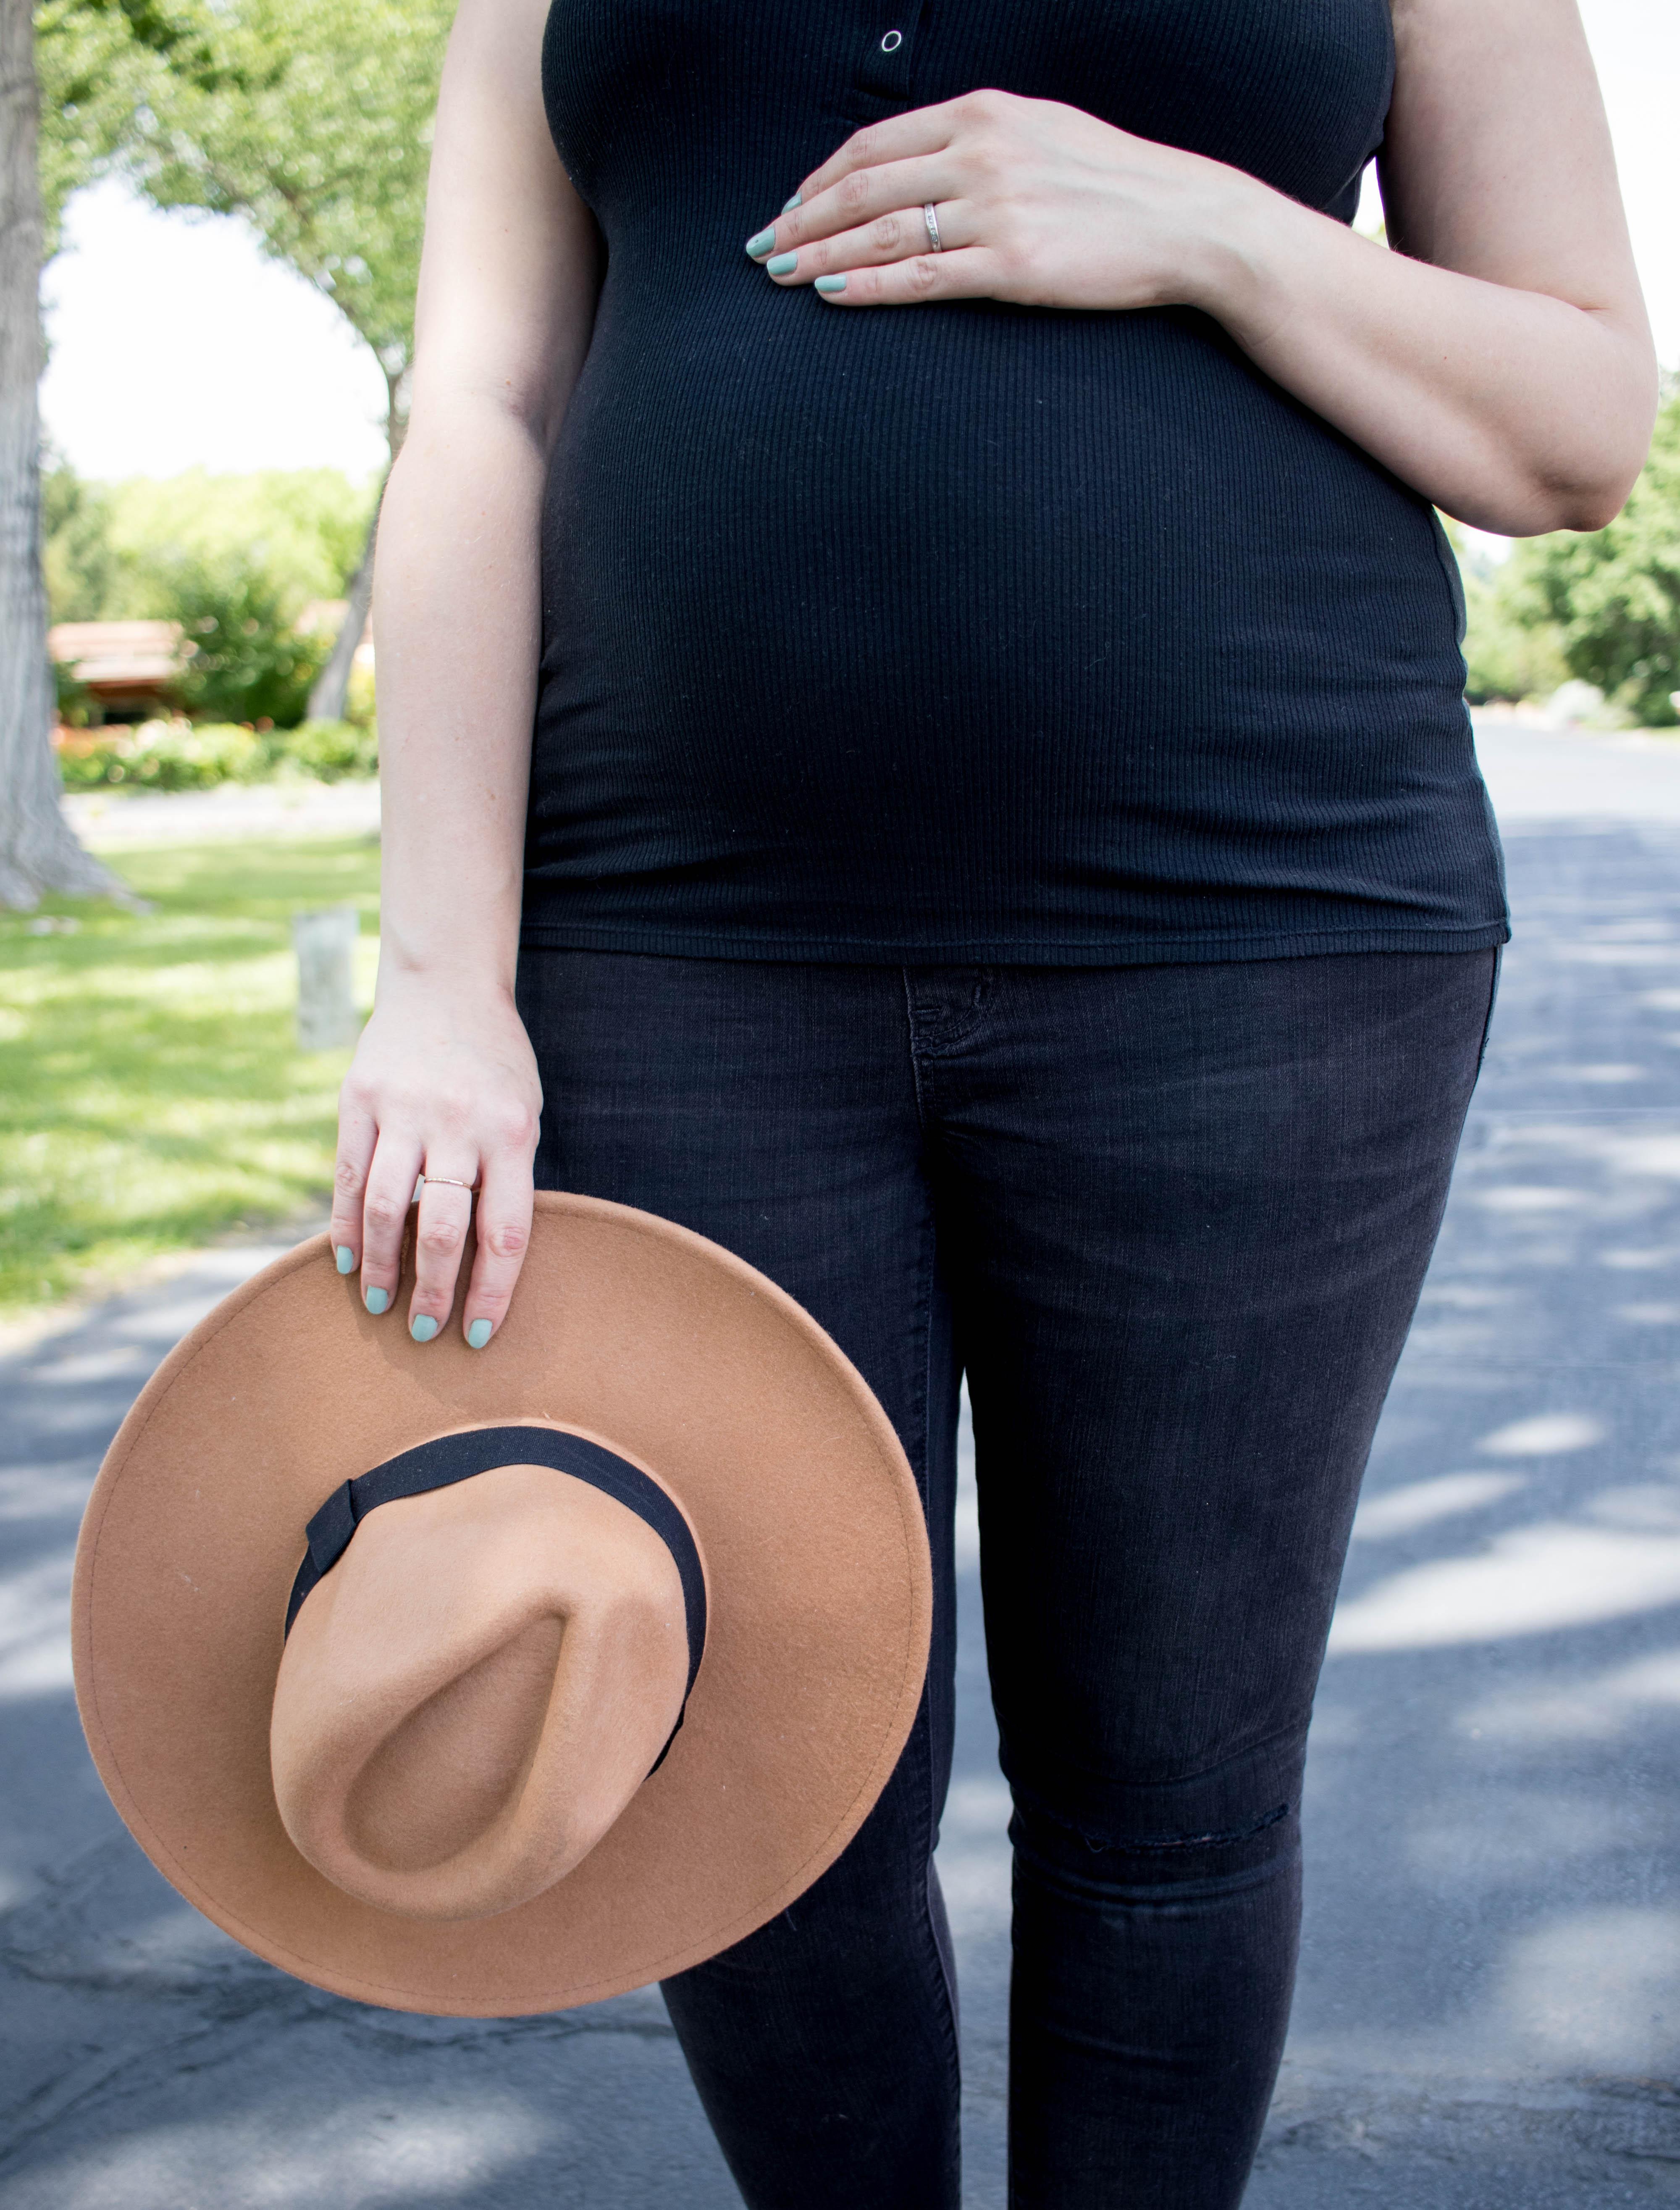 vici dolls oversized hat boho style #vicidolls #bohostyle #bumpstyle